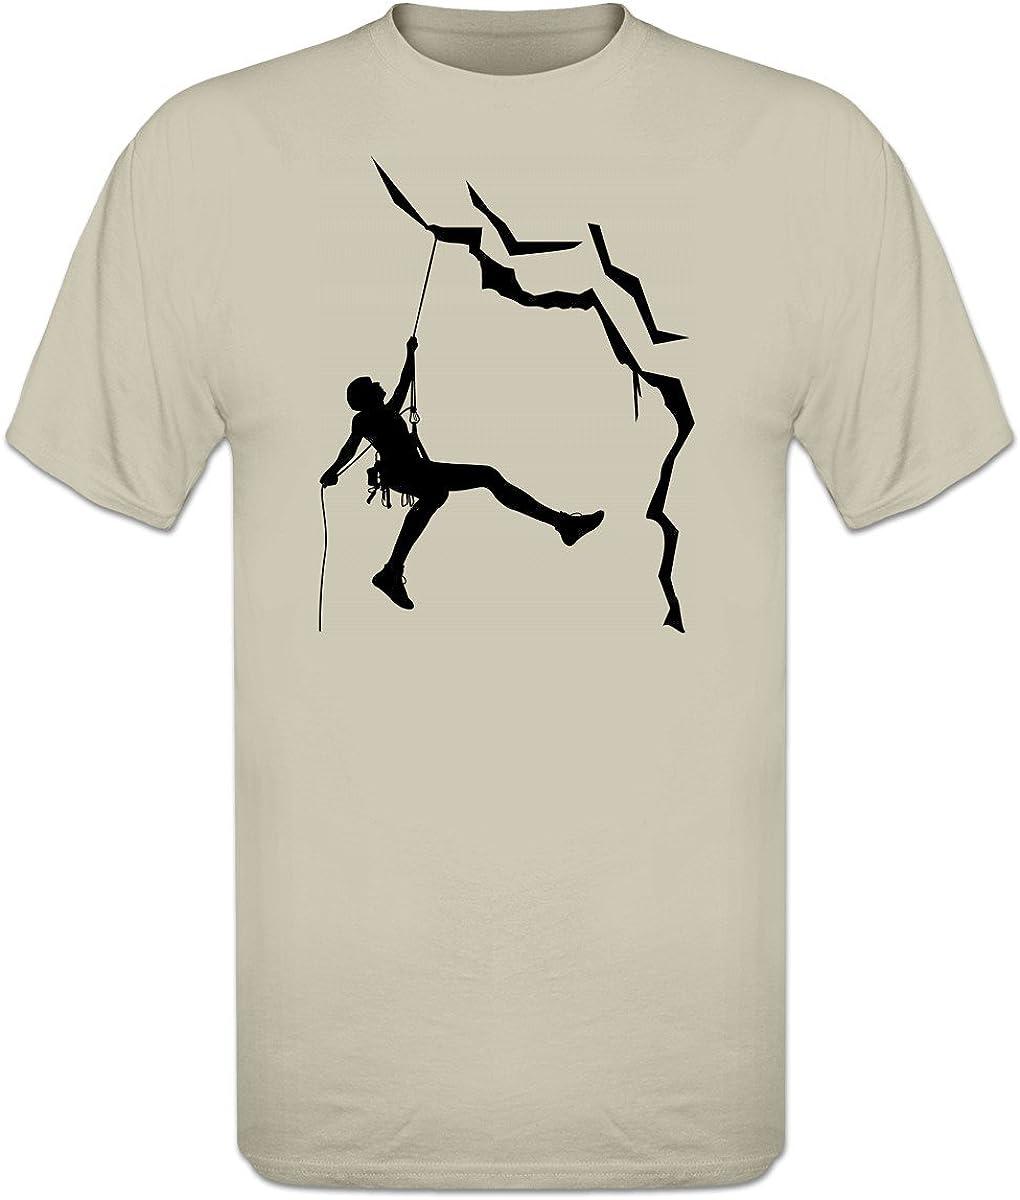 Shirtcity Camiseta La Escalada en Roca by: Amazon.es: Ropa y ...